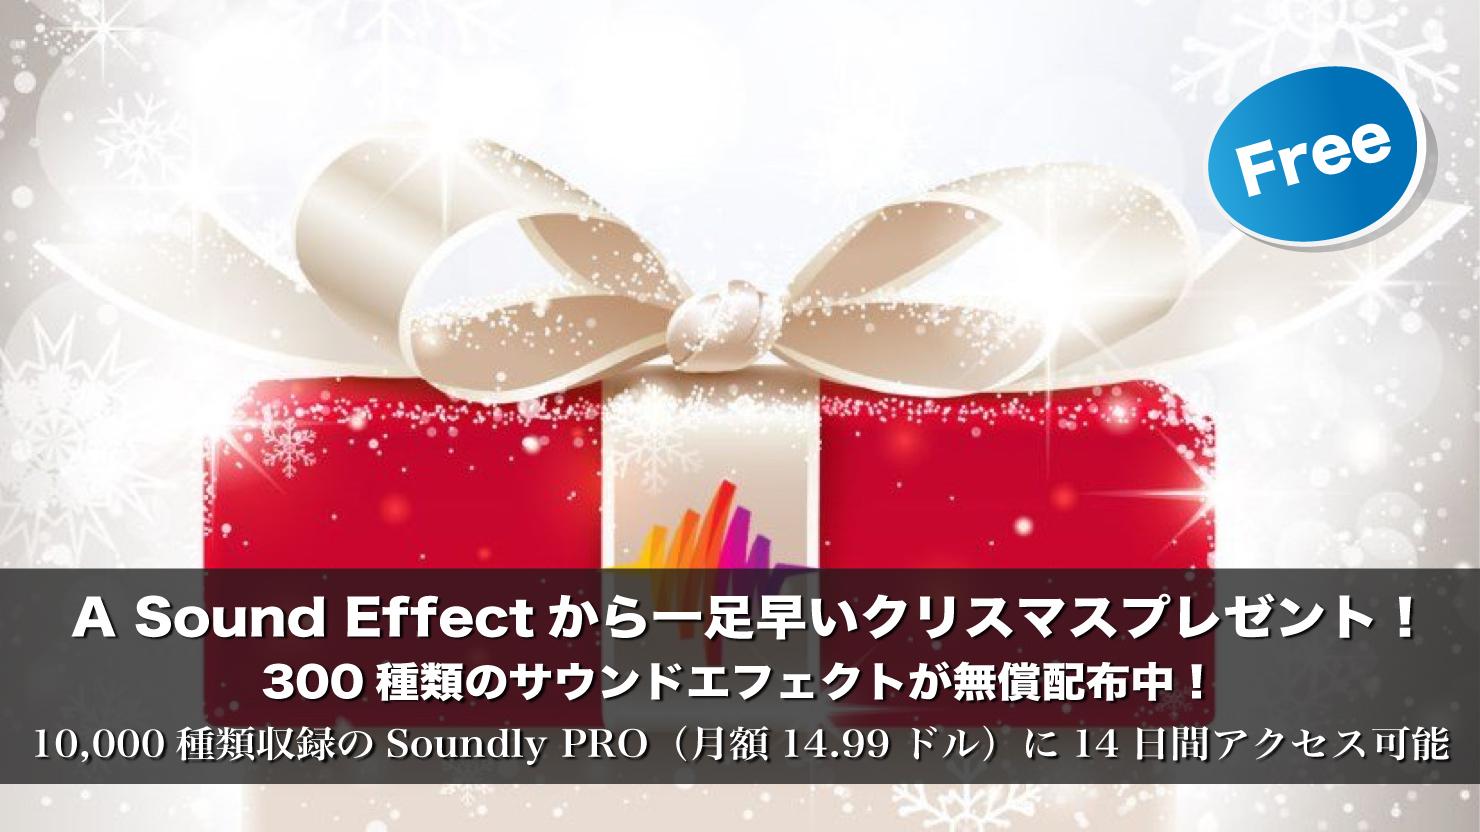 【無料】A Sound Effectから一足早いクリスマスプレゼント!300種類のサウンドエフェクトが無償配布中!